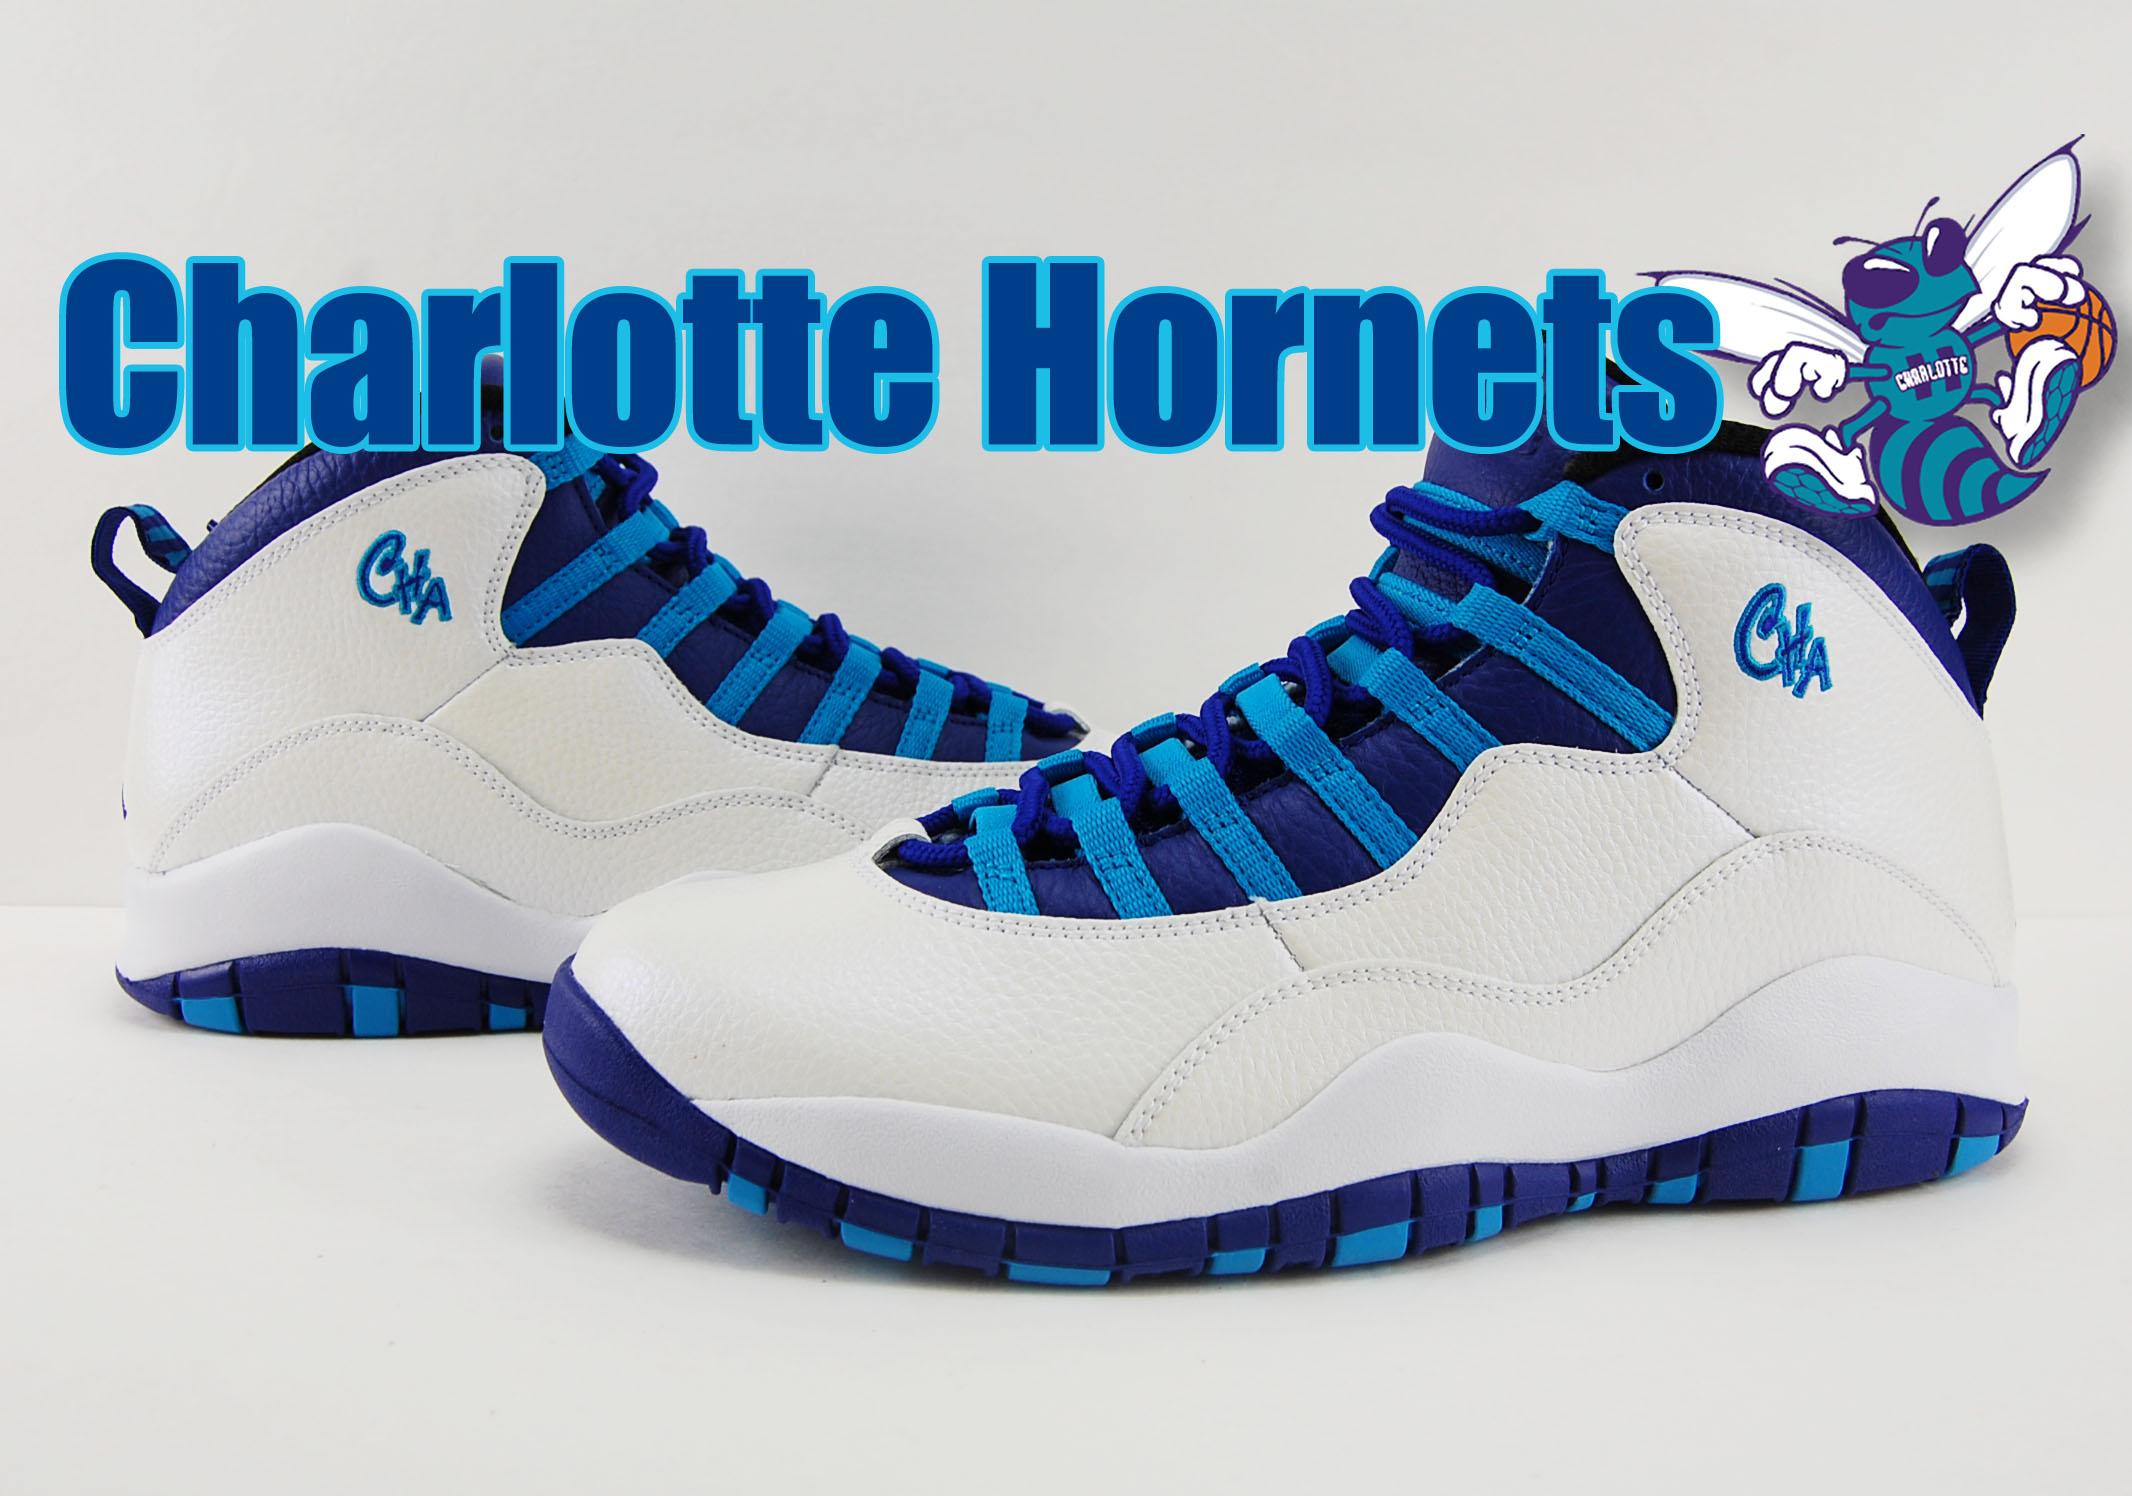 65c745bc074e lovely Air Jordan 10 Charlotte Hornets Releases Tomorrow ...